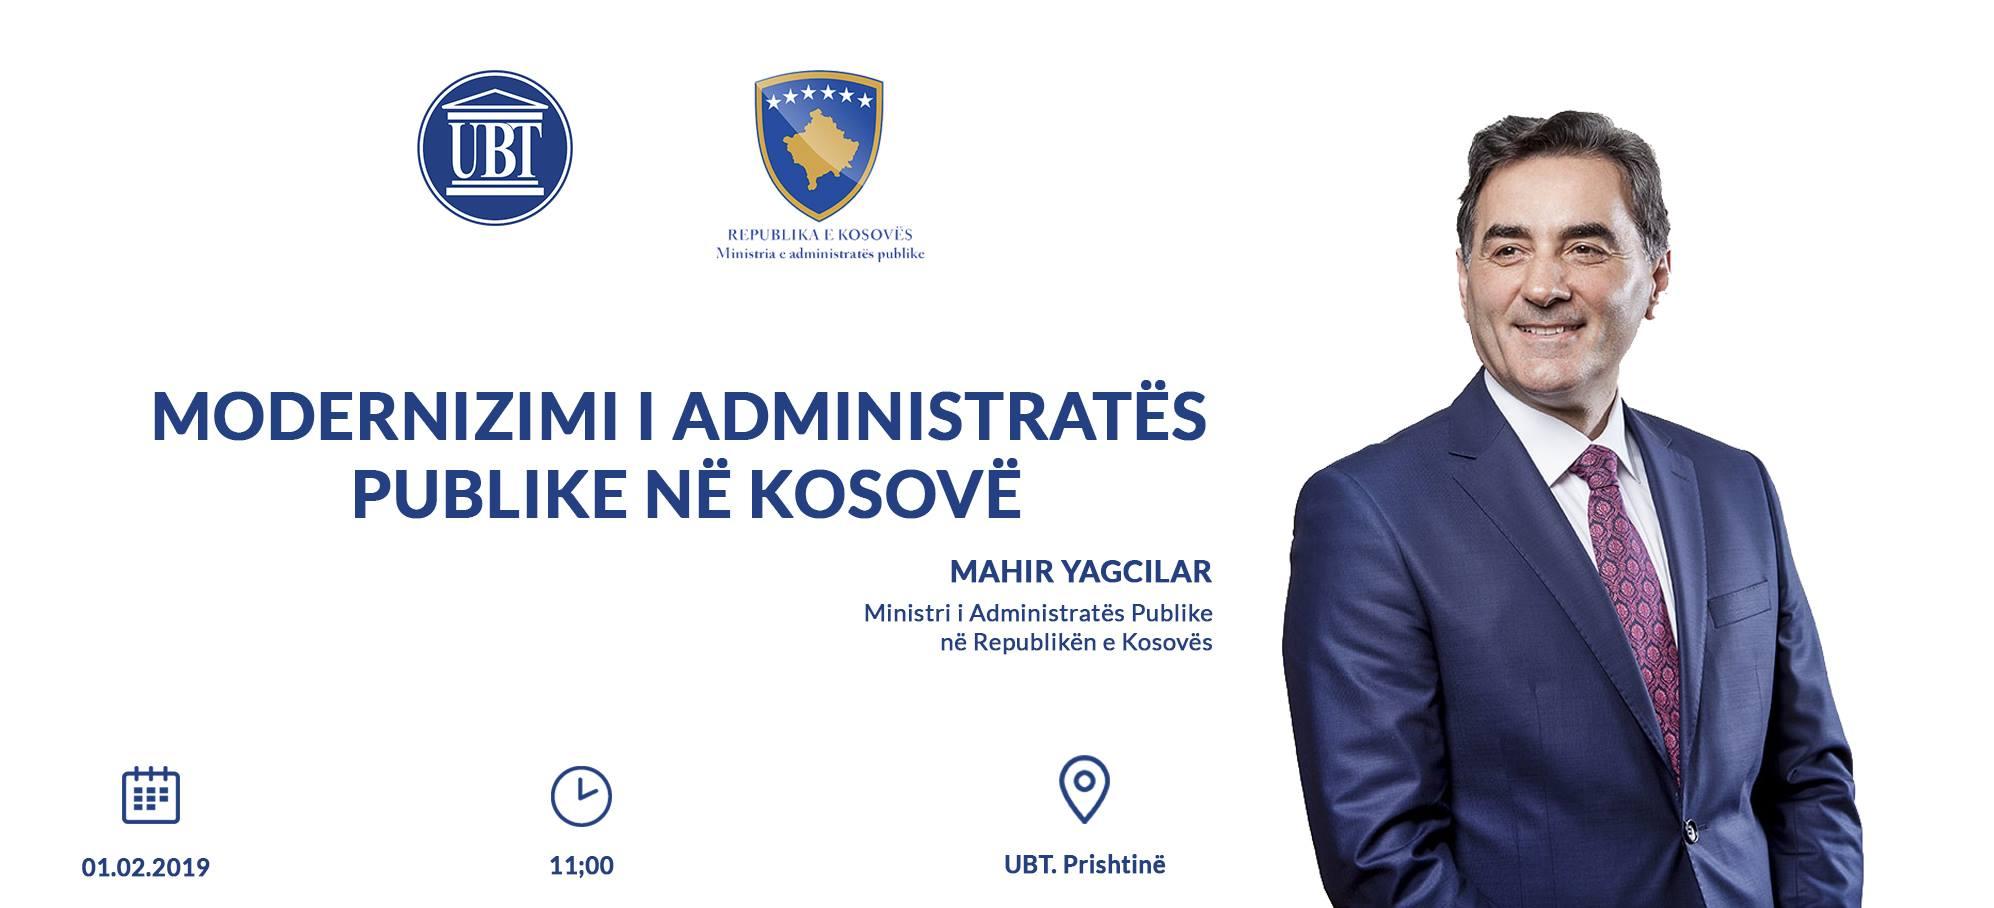 NJOFTIM: Të premten, ministri i Administratës Publike, Mahir Yagcilar do të ligjëroj para studentëve të UBT-së